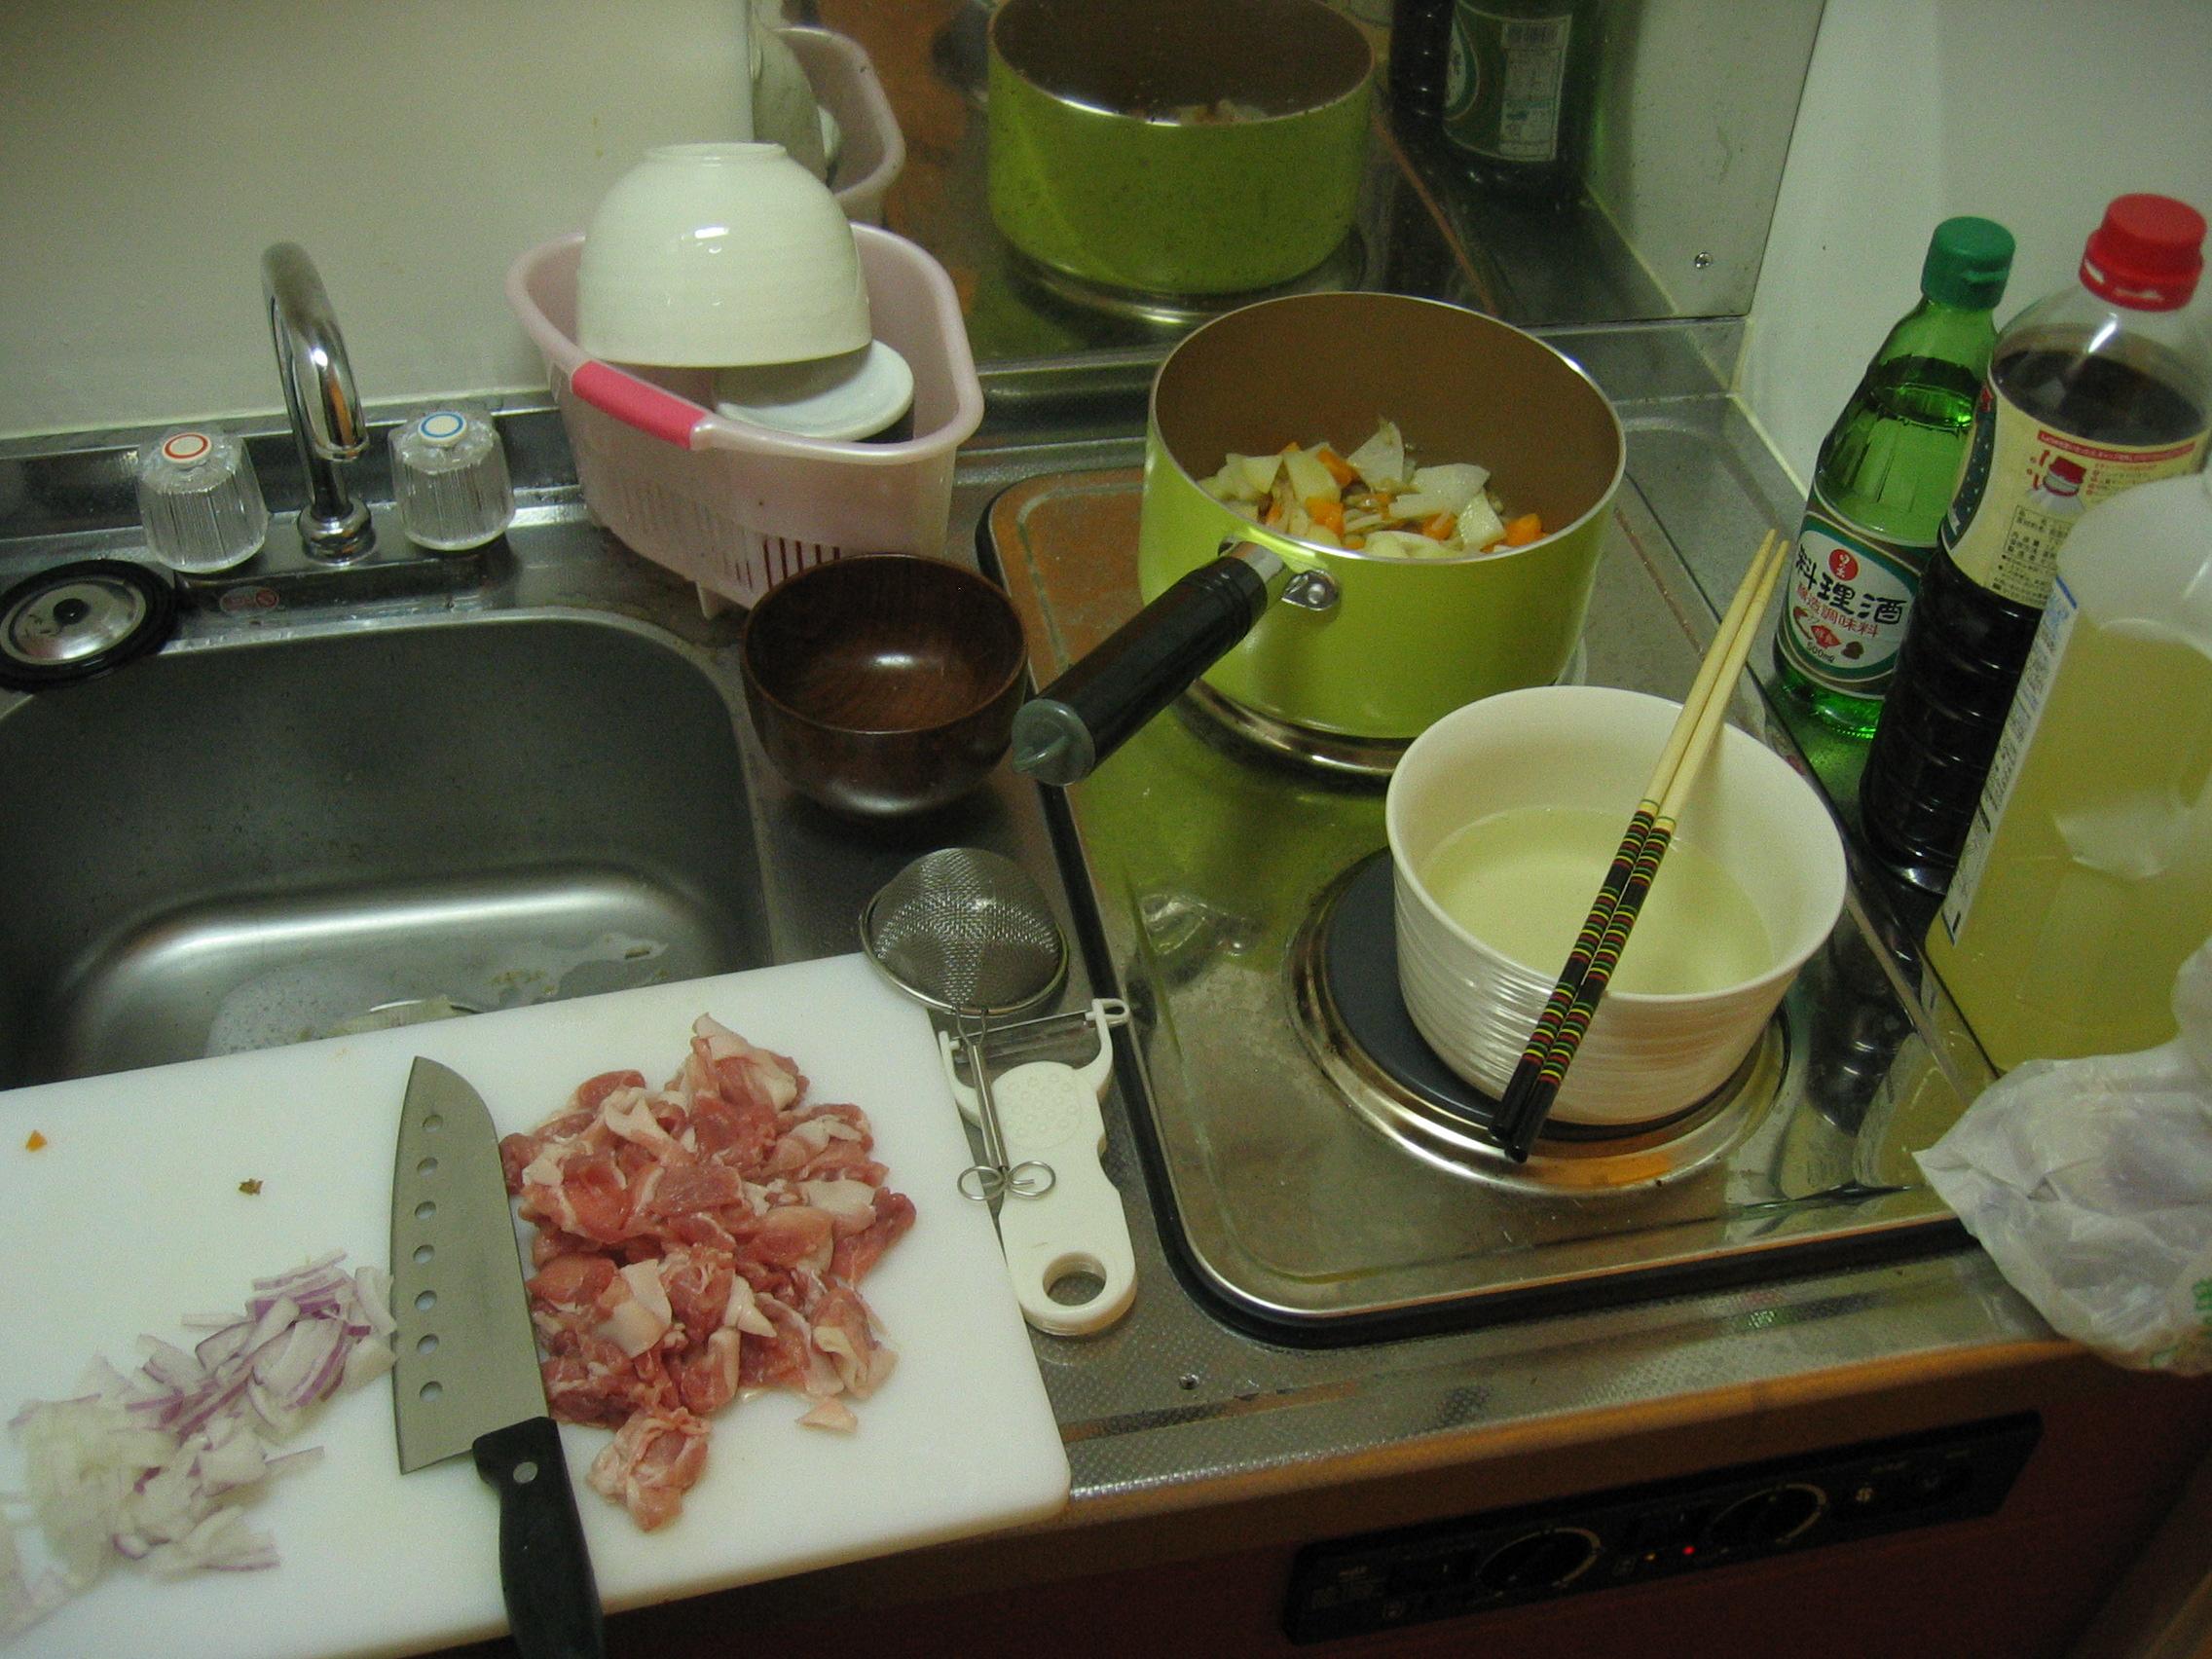 Les mensonges du livre de cuisine inso - Apprendre a cuisiner japonais ...